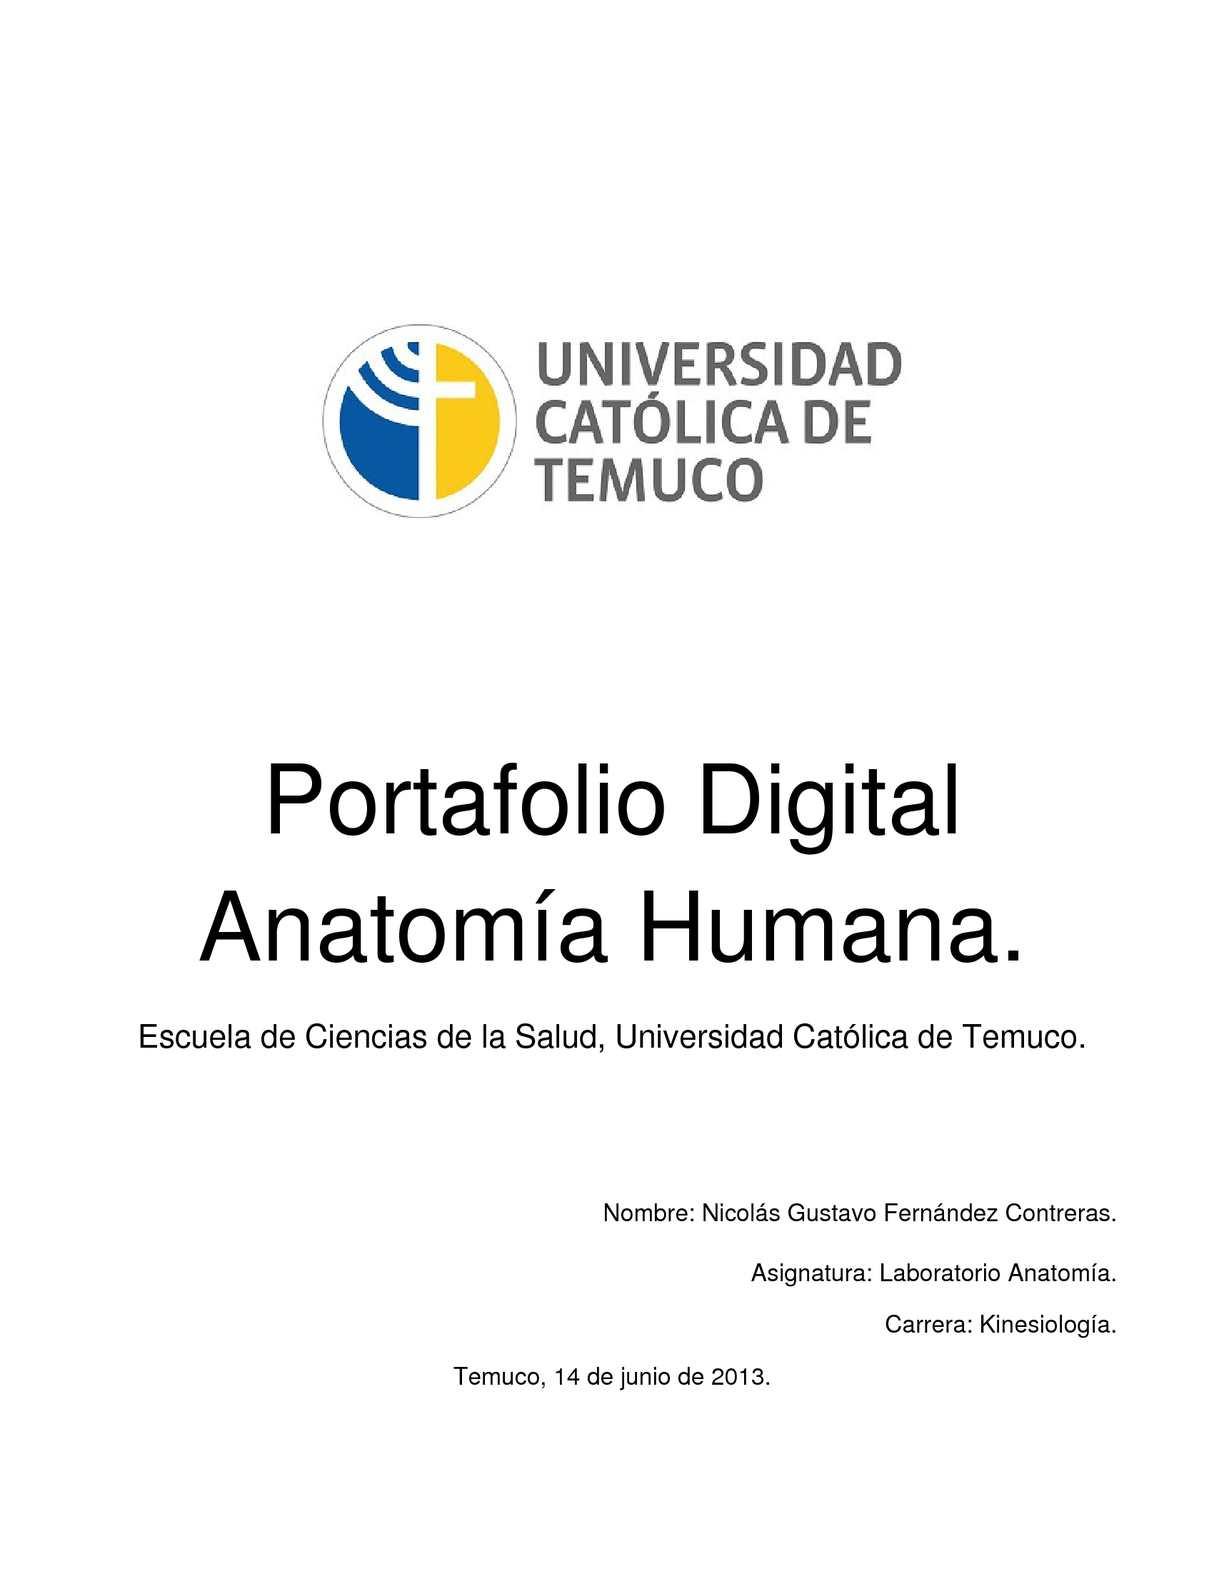 Calaméo - Portafolio Digital, Anatomía Humana.